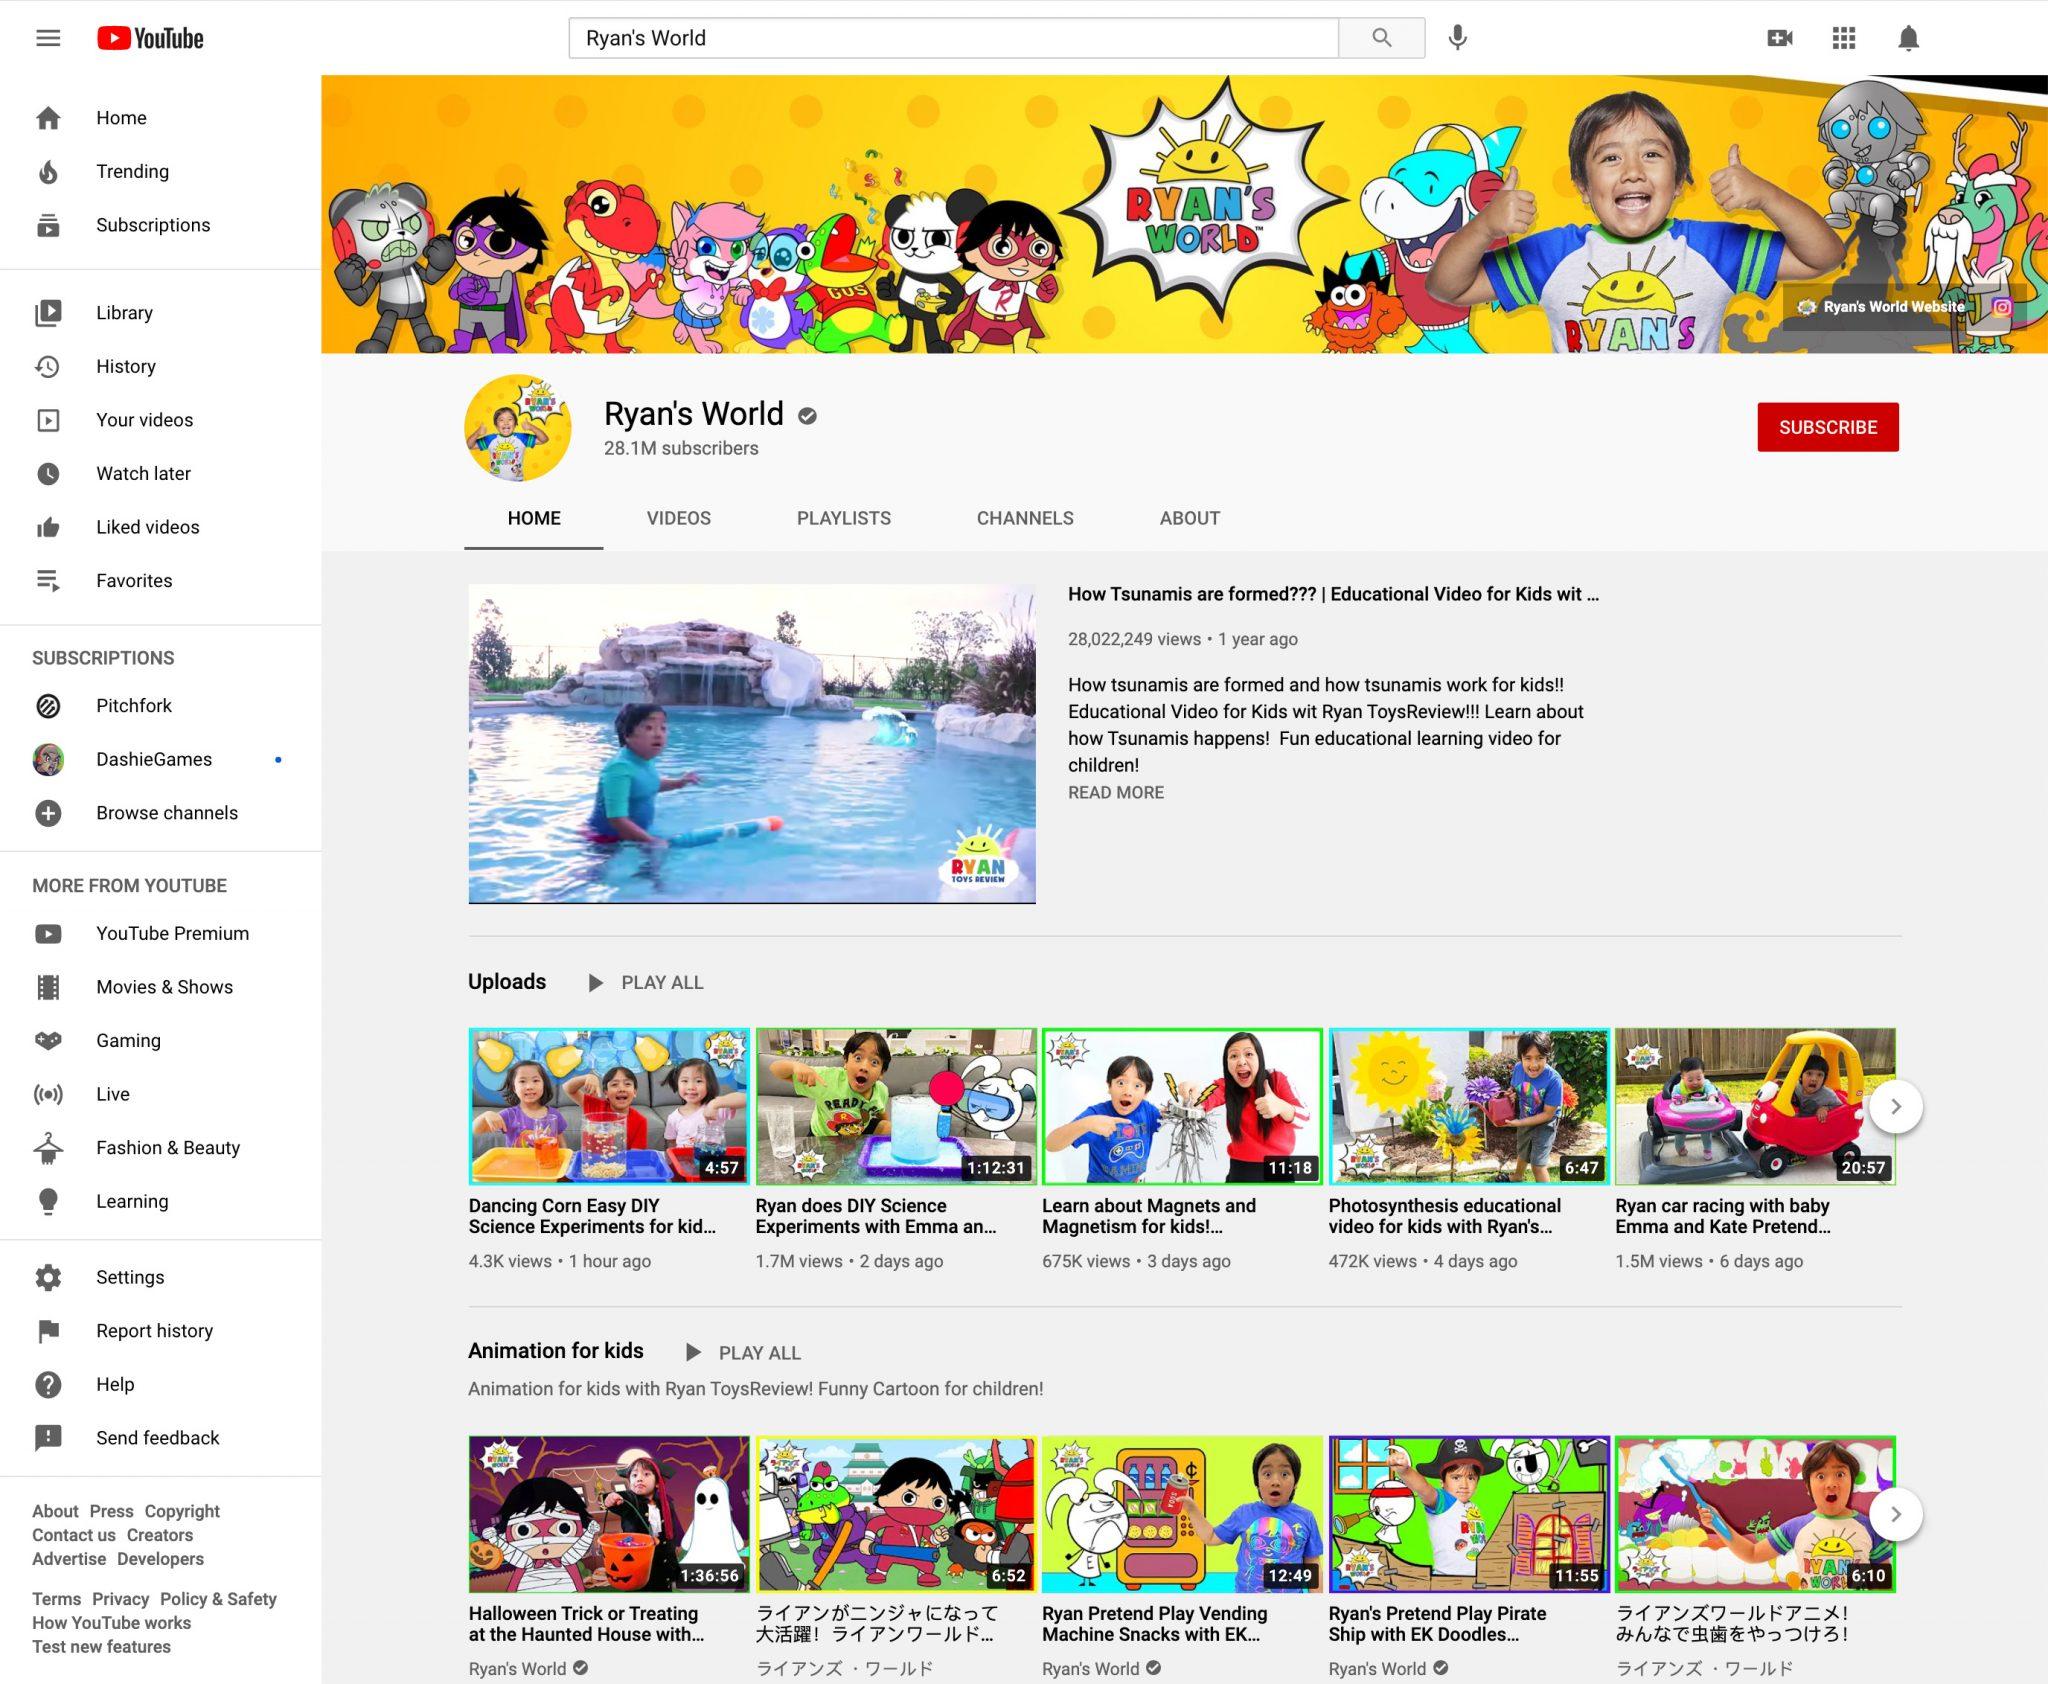 ryan's world youtube